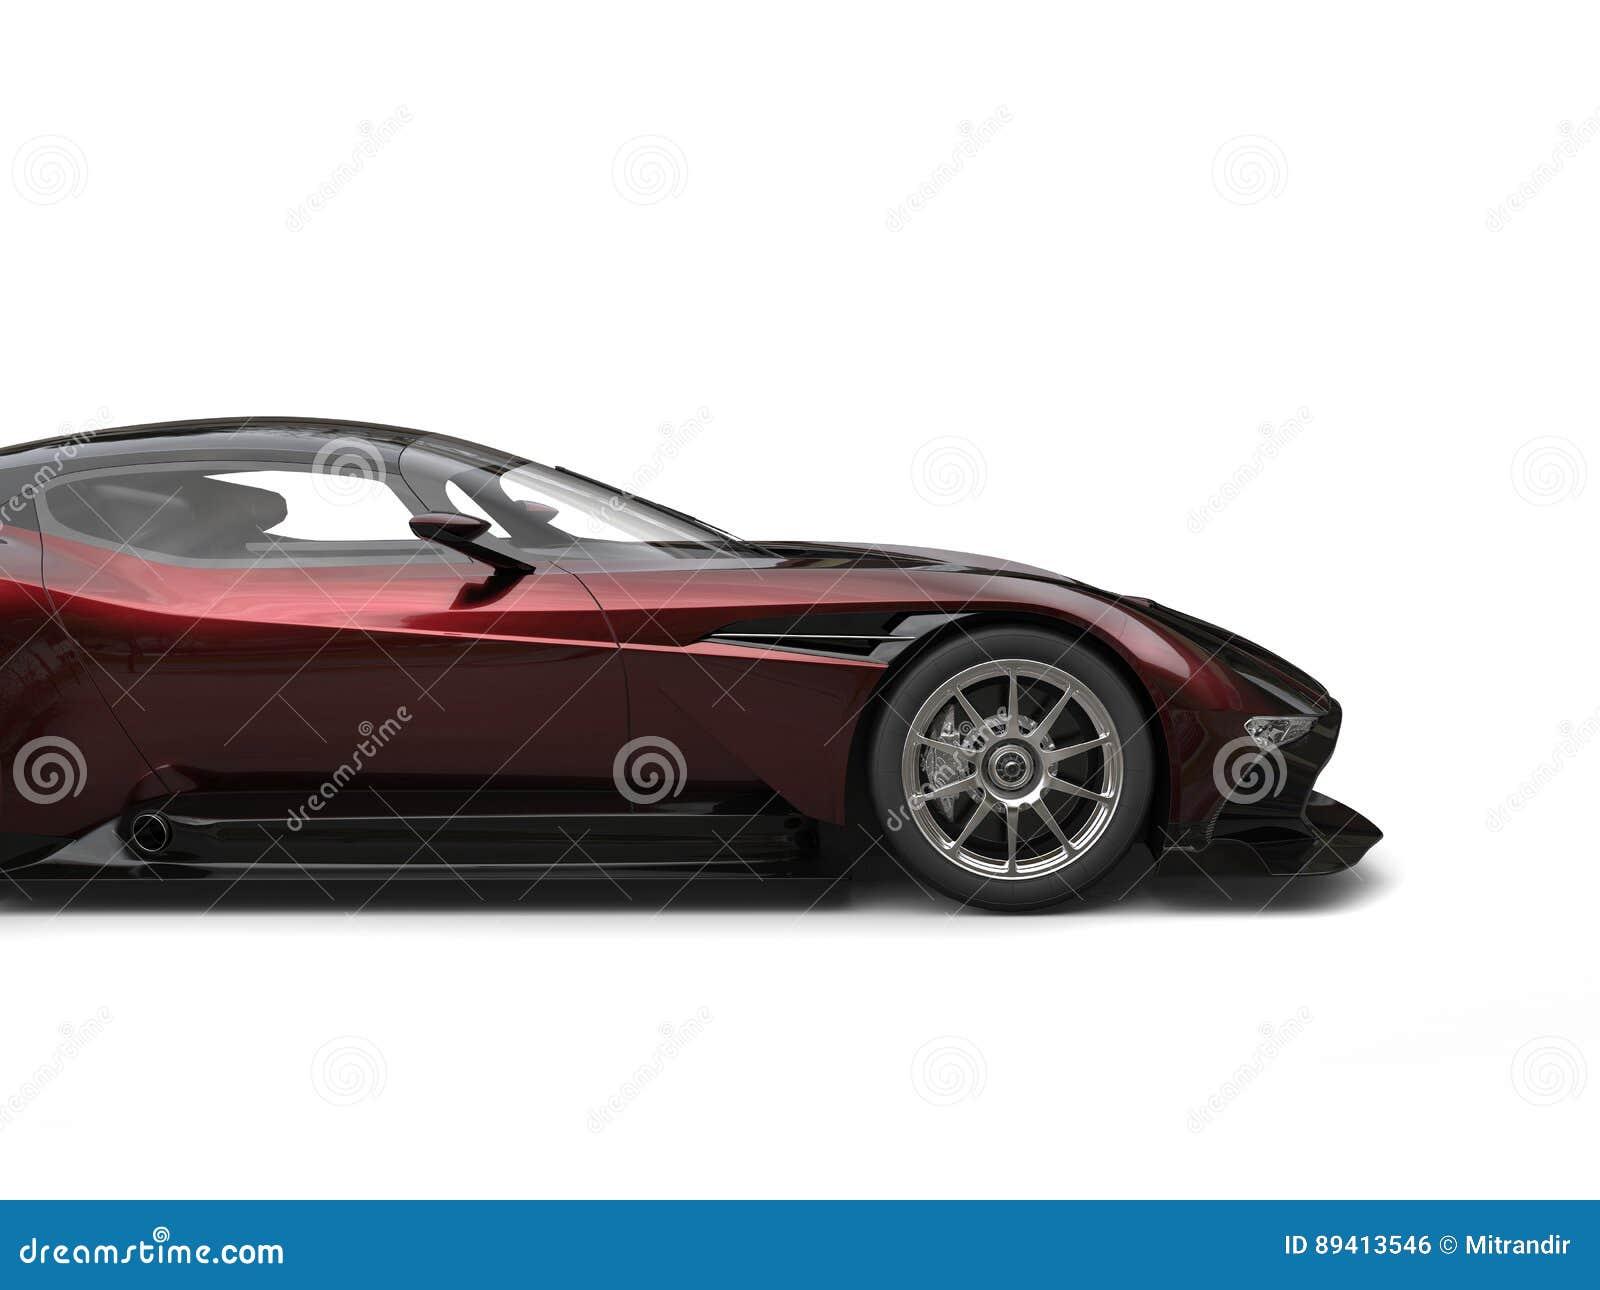 Obscuridade impressionante - sportscar moderno vermelho - corte o tiro